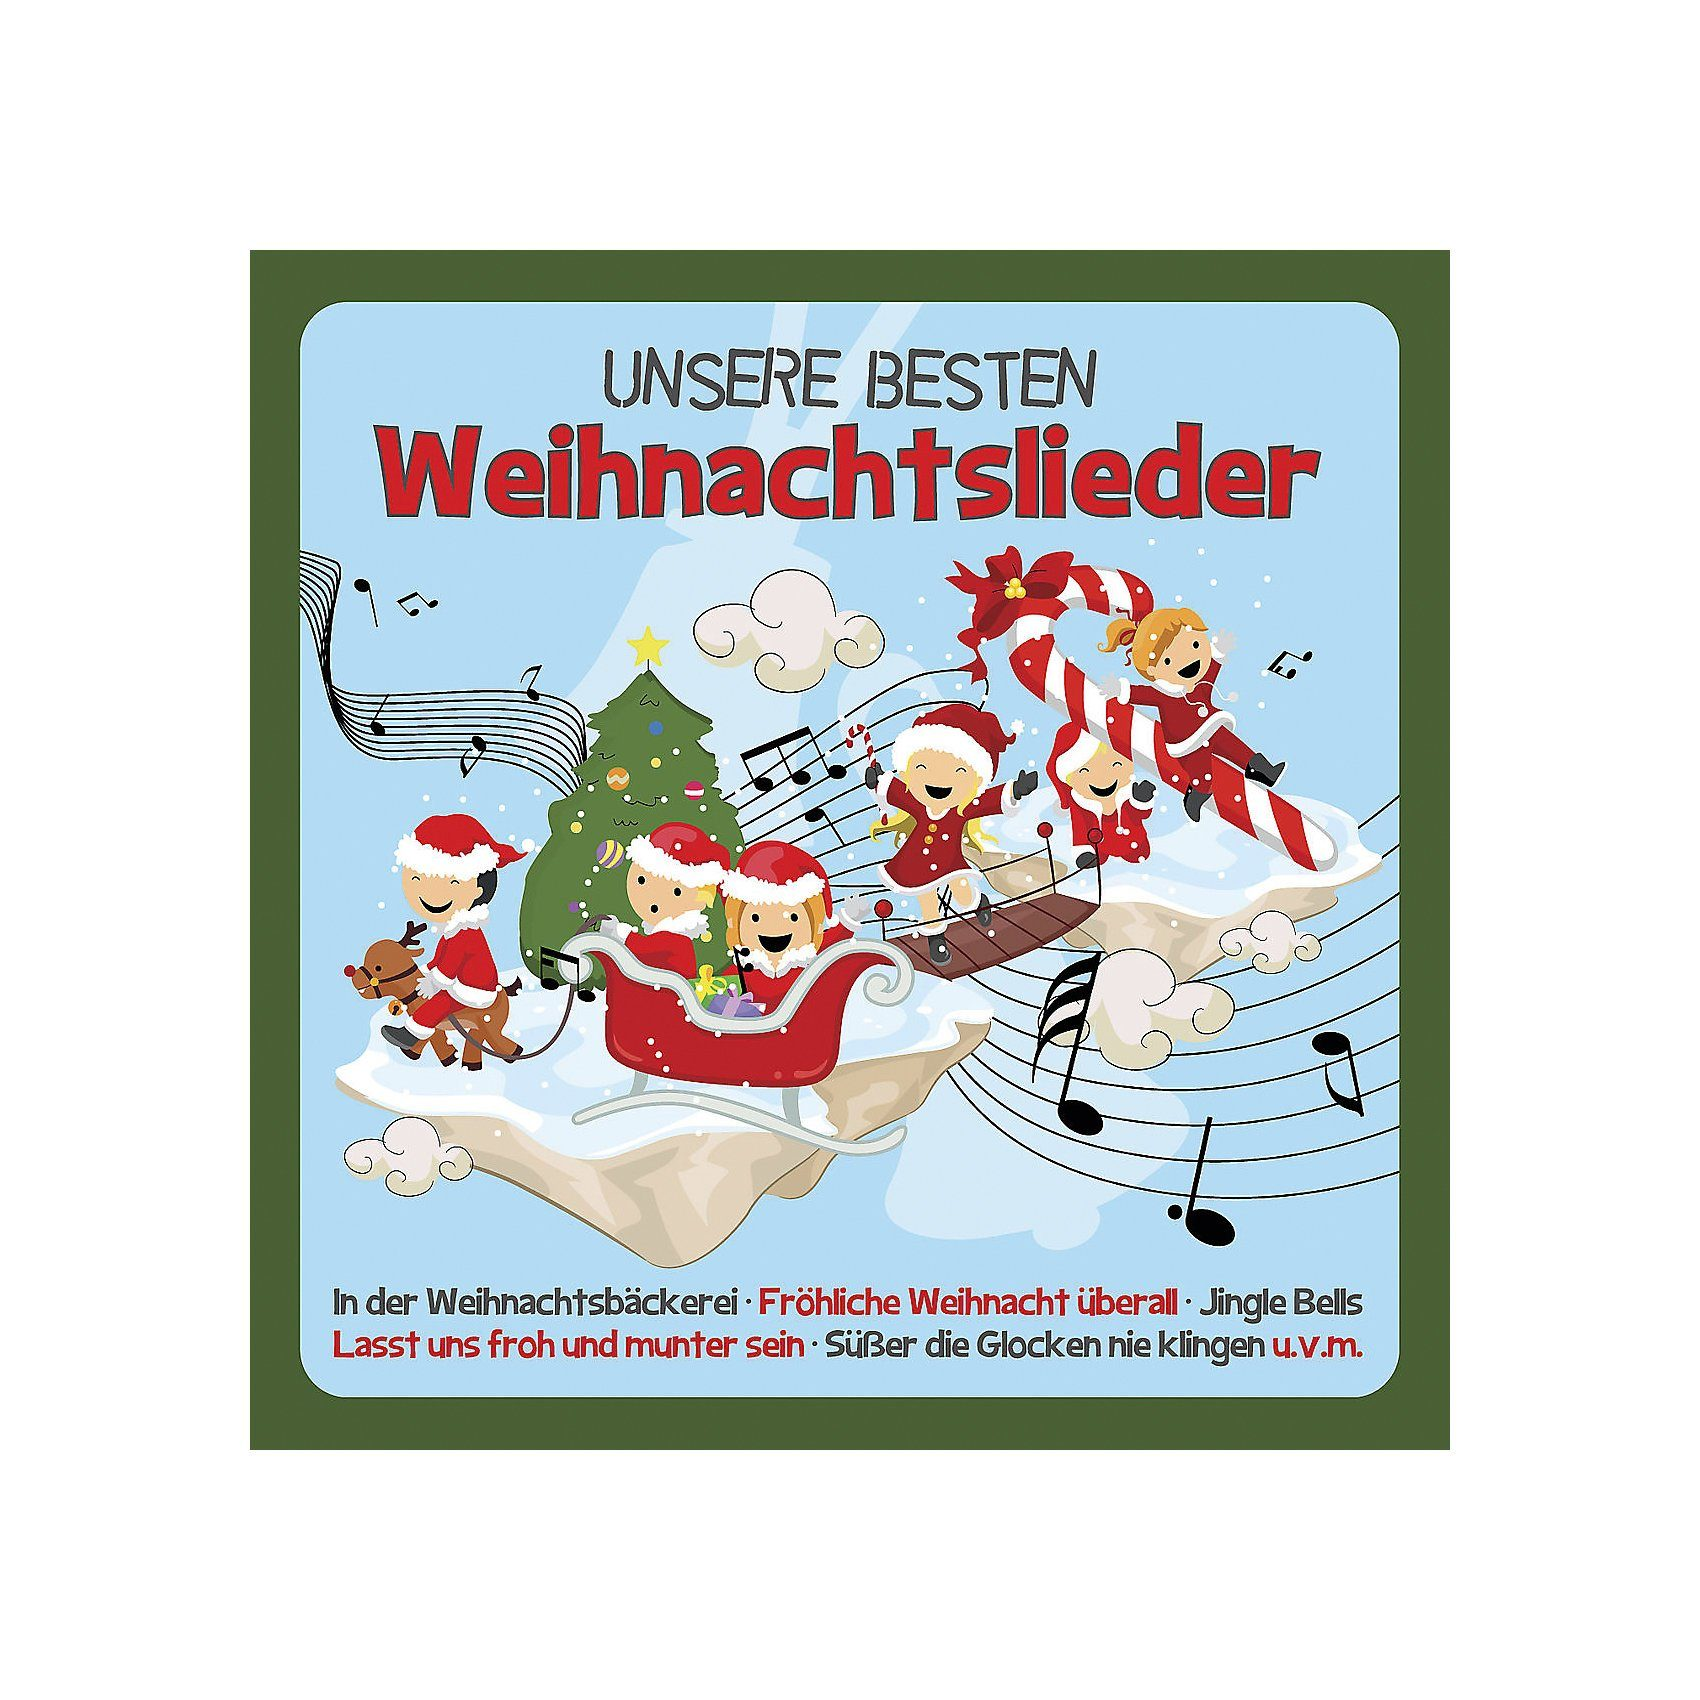 Universal Unsere besten Weihnachtslieder